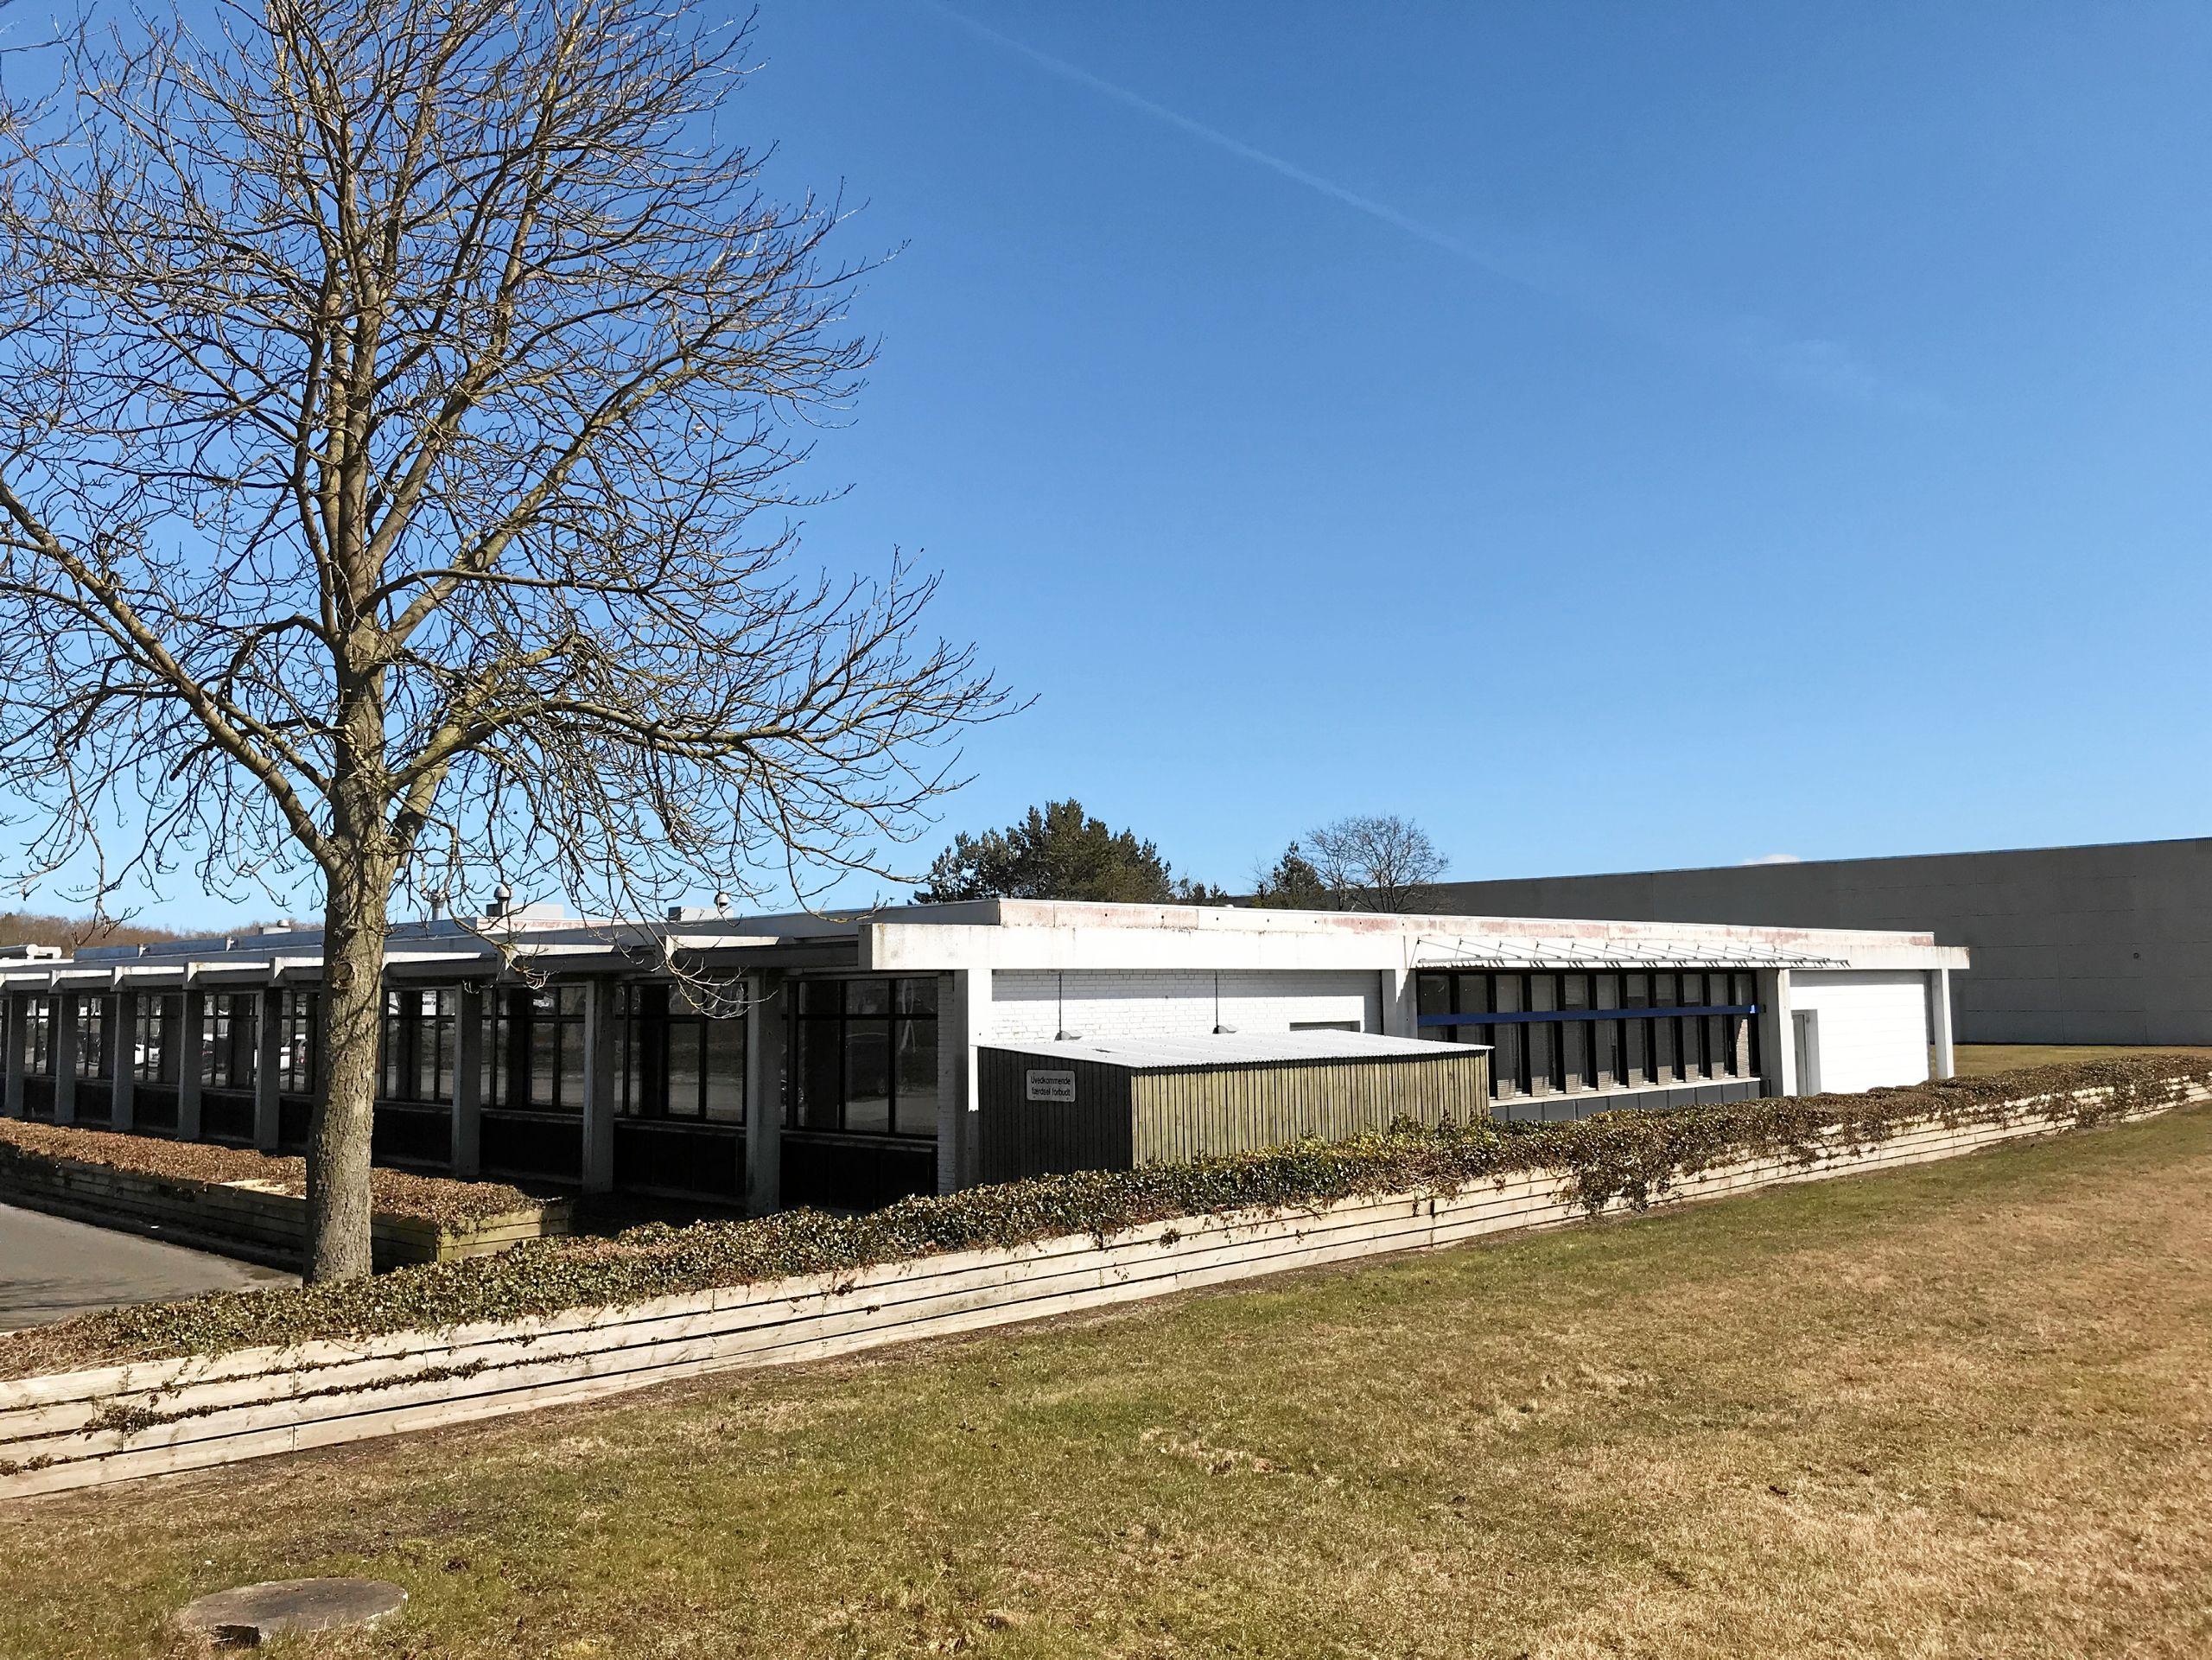 Victoriaskolen må skyde en hvid pind efter at rykke ind i Coops bygninger på Hobrovej i Skalborg. Aalborg kommune siger nemlig no go til planerne. Arkivfoto: Torben O. Andersen